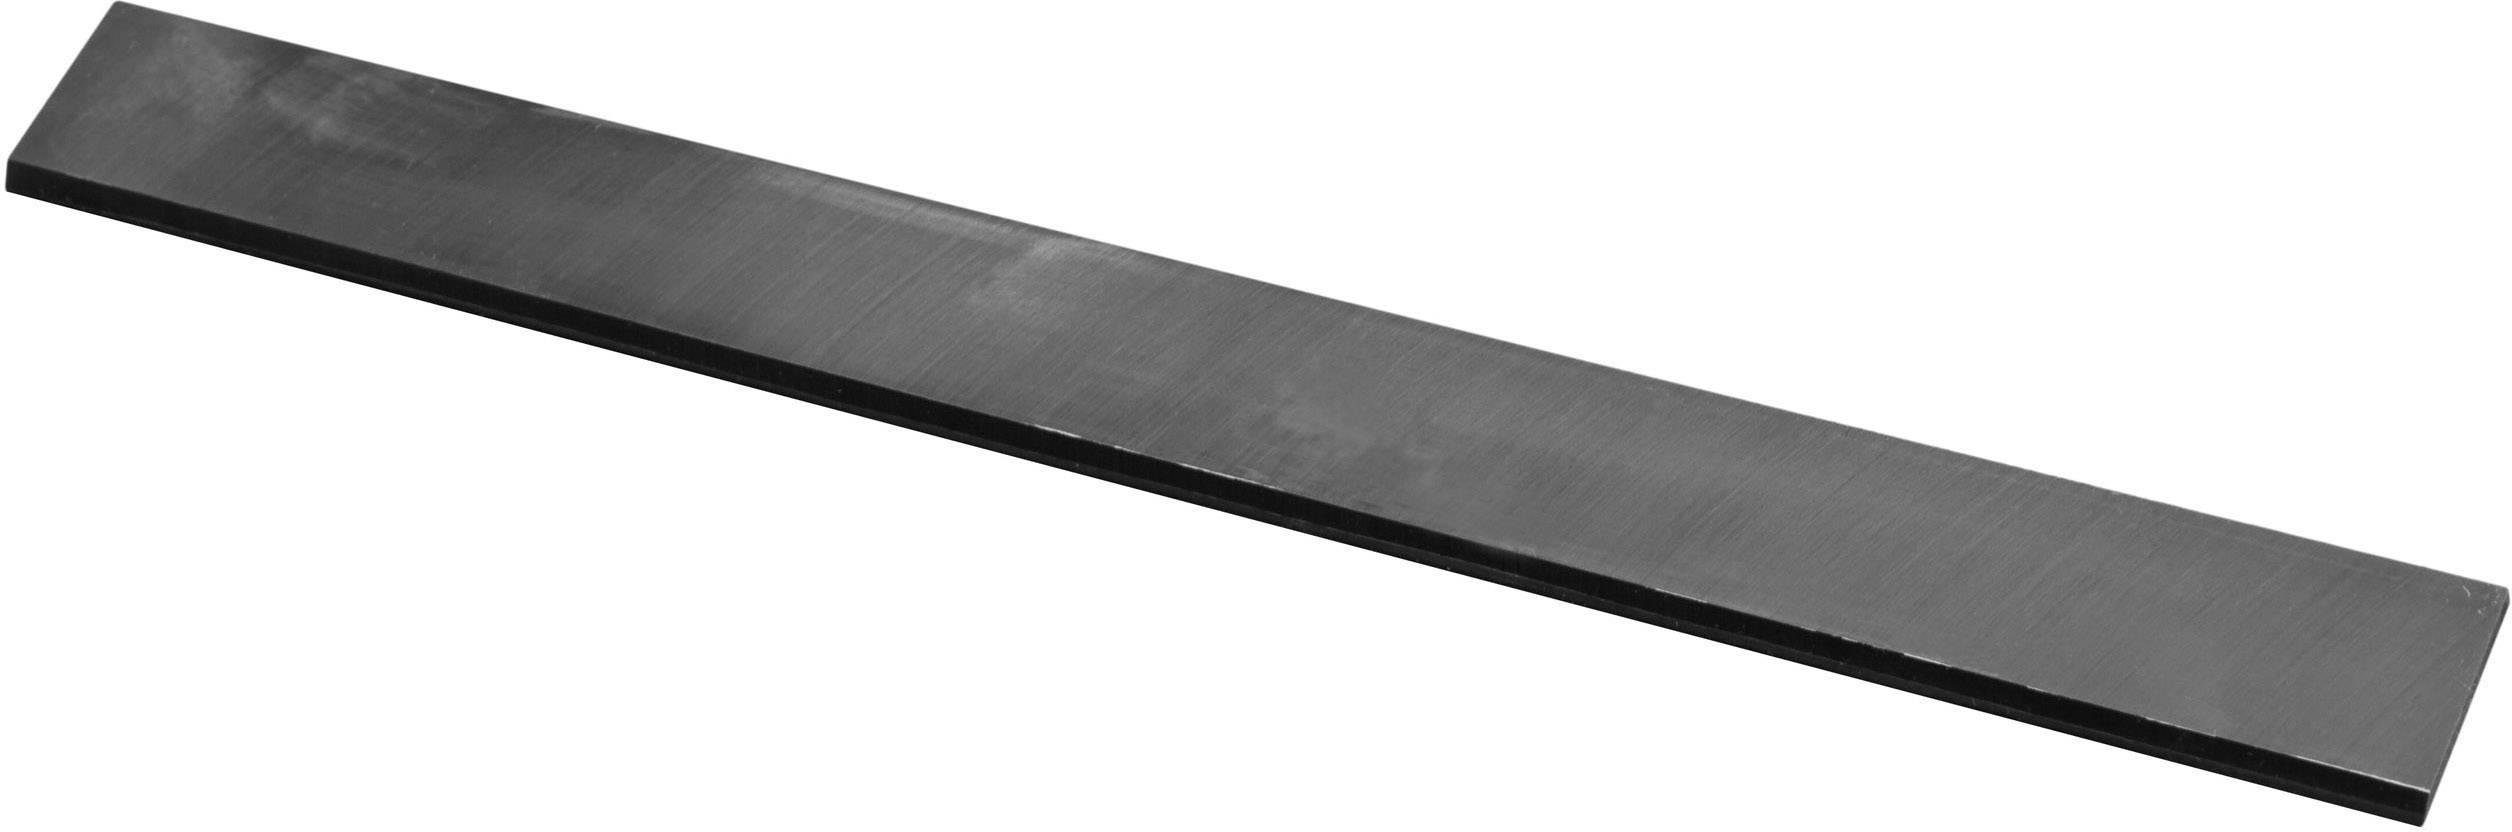 Karabinerhaken /ähnlich DIN 5299C aus Edelstahl A4 V4A mit Schnapphaken VPE: 2 St/ück Gr/ö/ße: 6 x 60 D2D